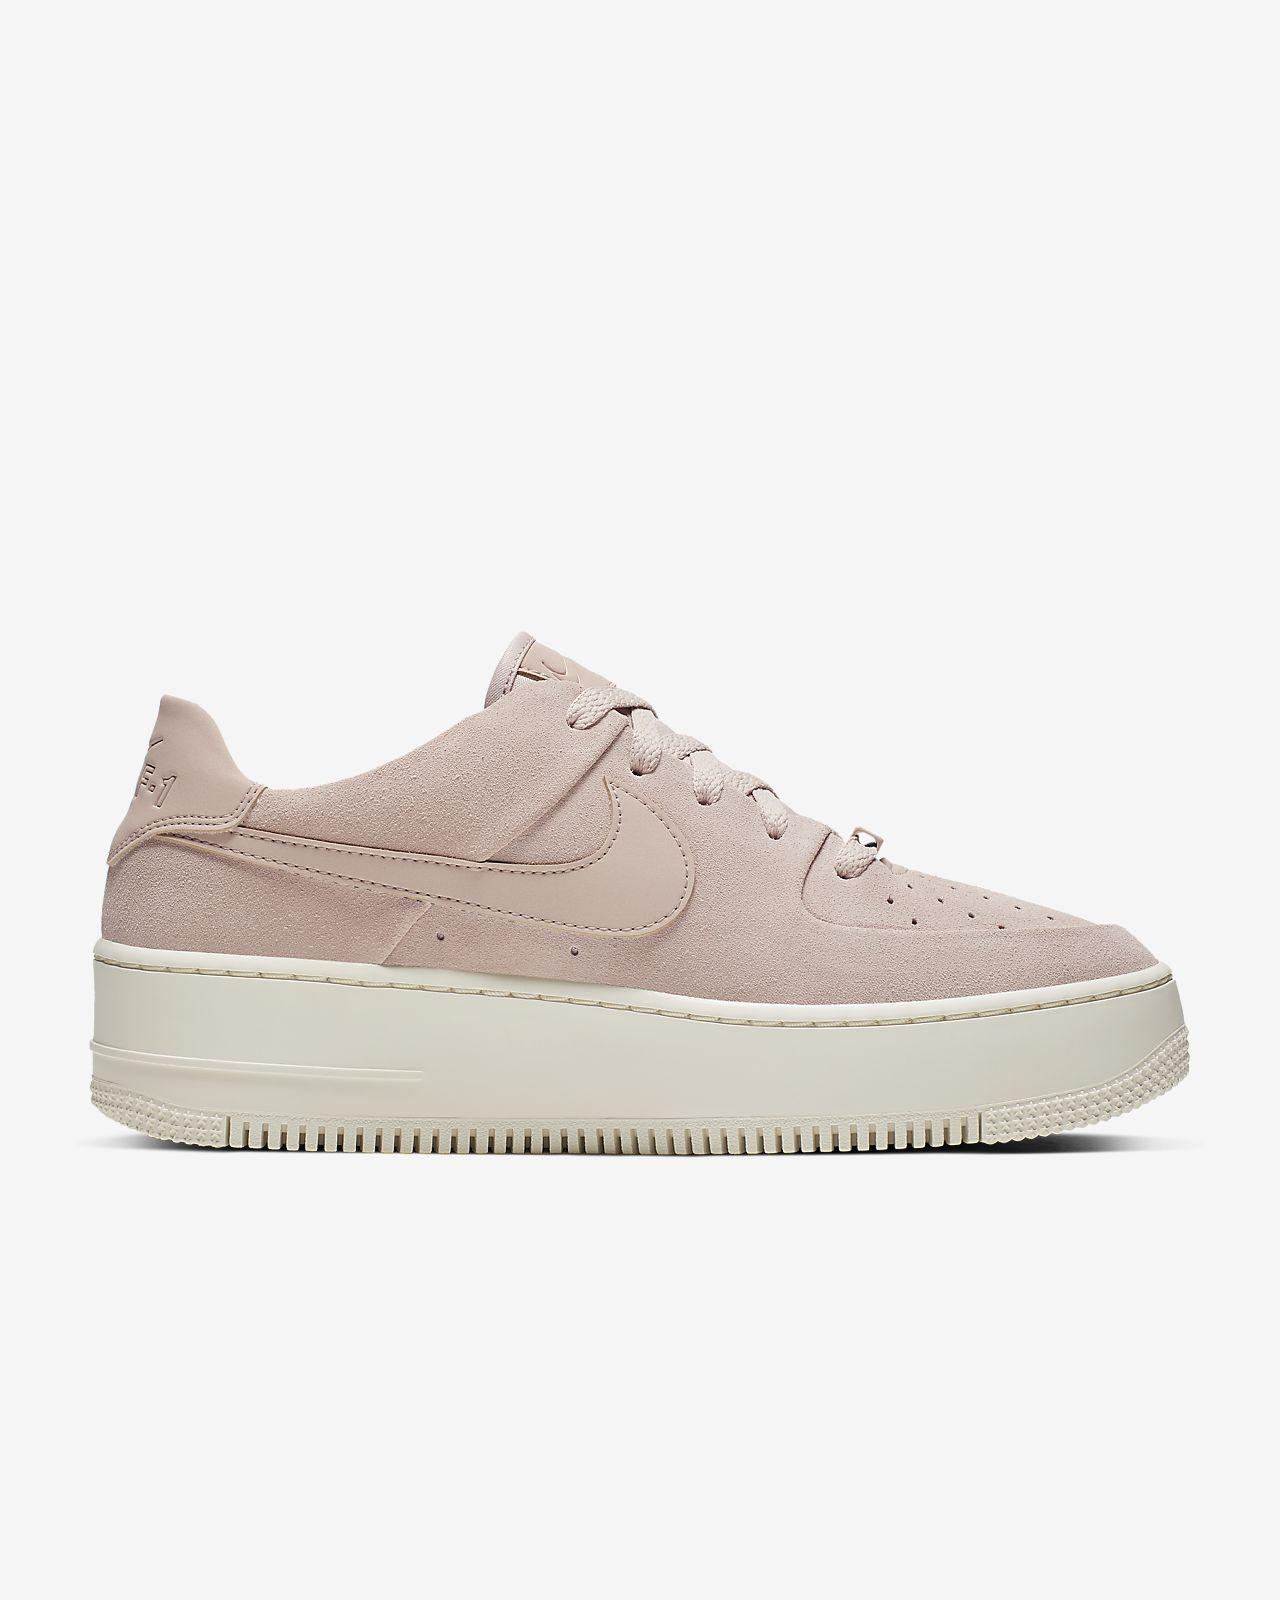 Nike Air Force 1 Af1 W Shadow Pastel Pale Ivory Pink Purple UK 5.5